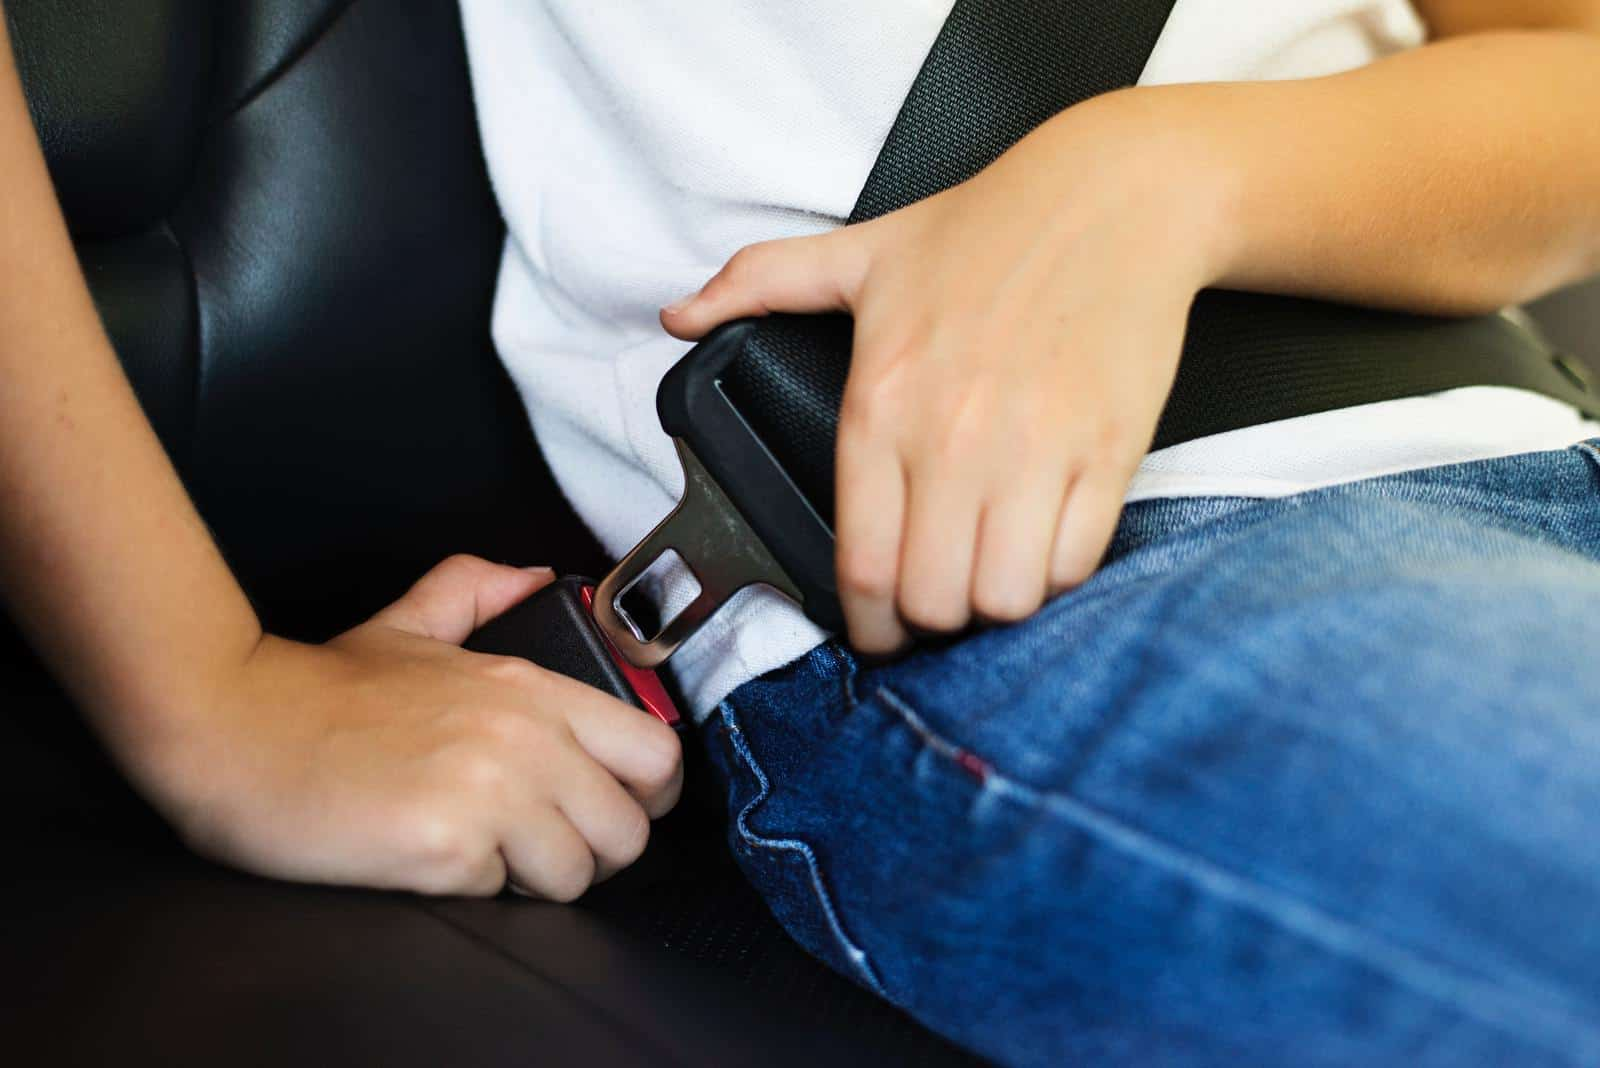 כללי אצבע בבחירת אמצעי בטיחות לרכב